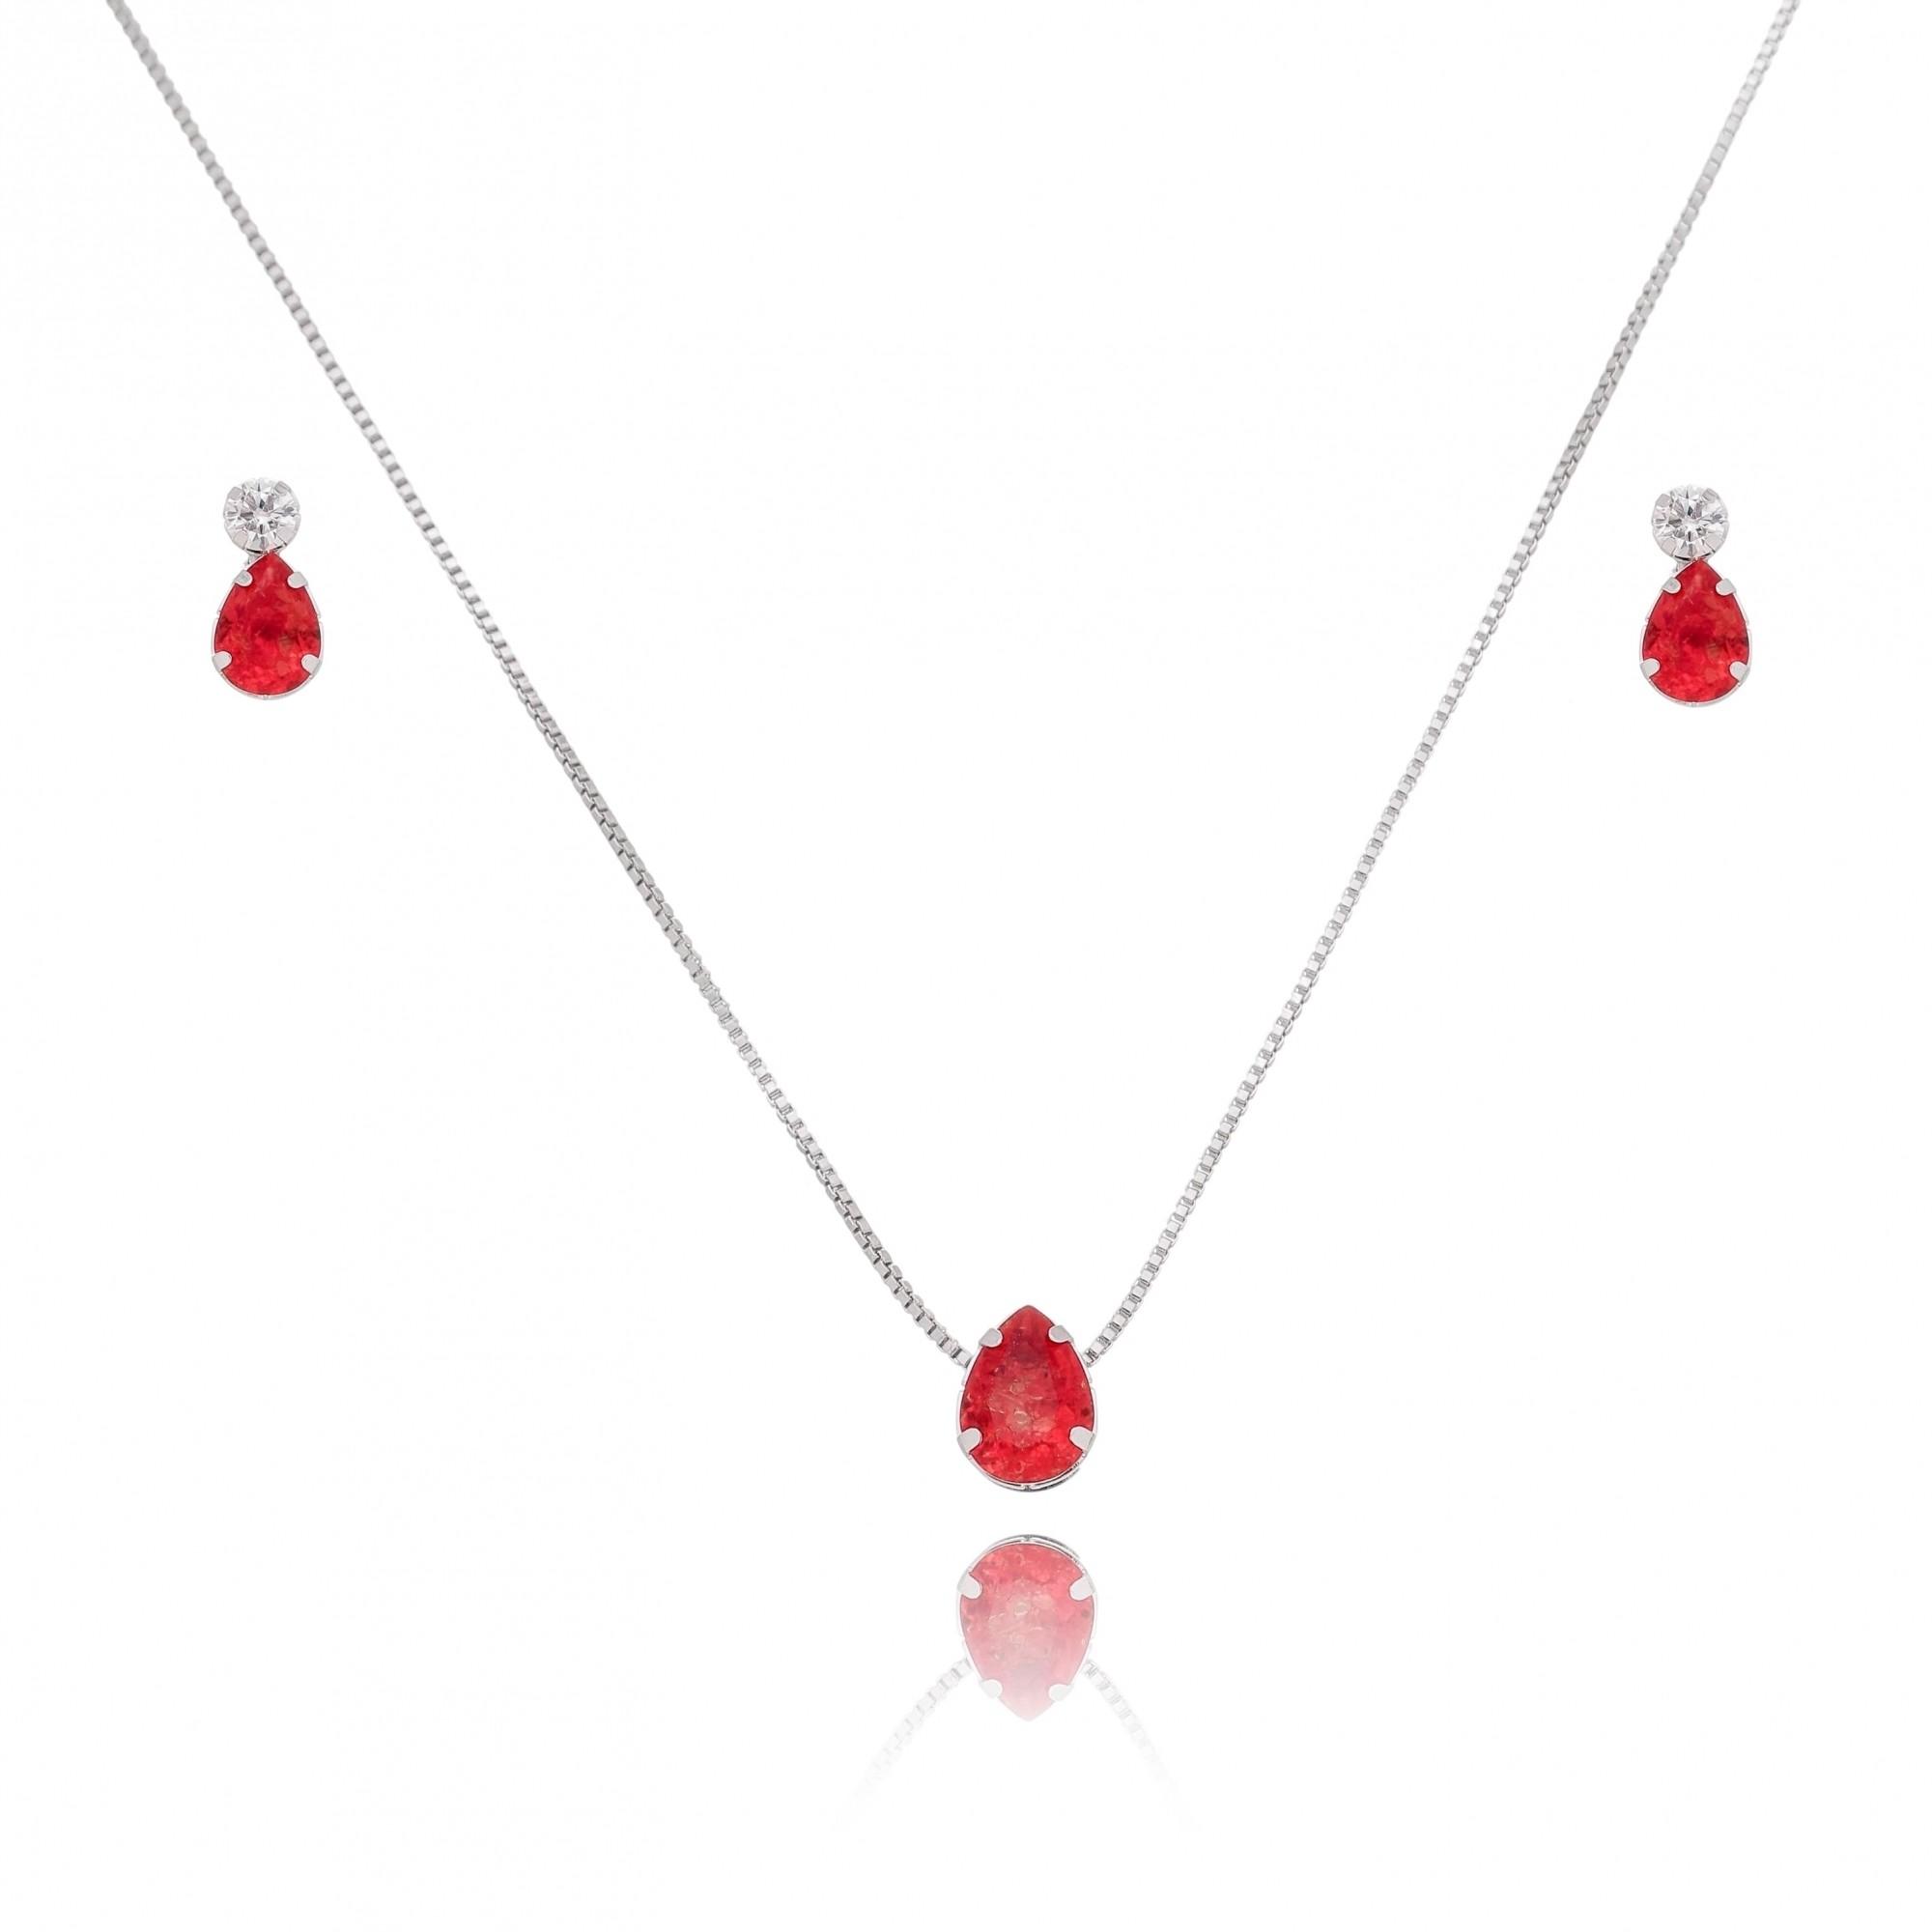 Conjunto de Colar e Brincos Gota com Pedra Fusion Vermelha Folheado em Ródio Branco - Giro Semijoias